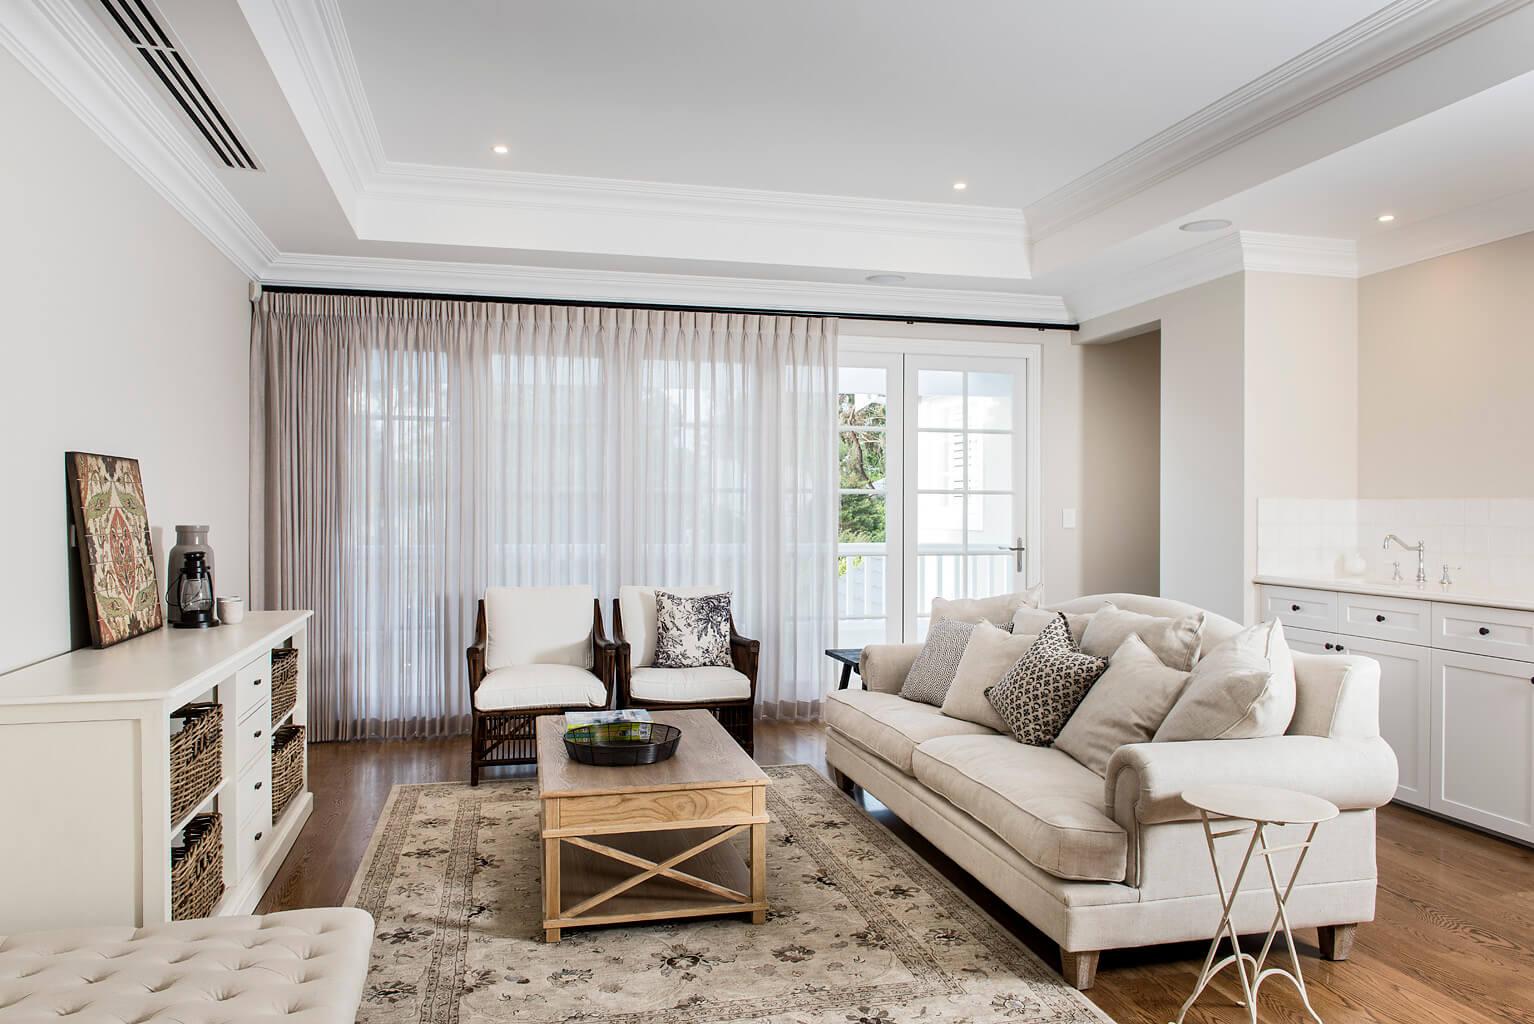 veranda-couch